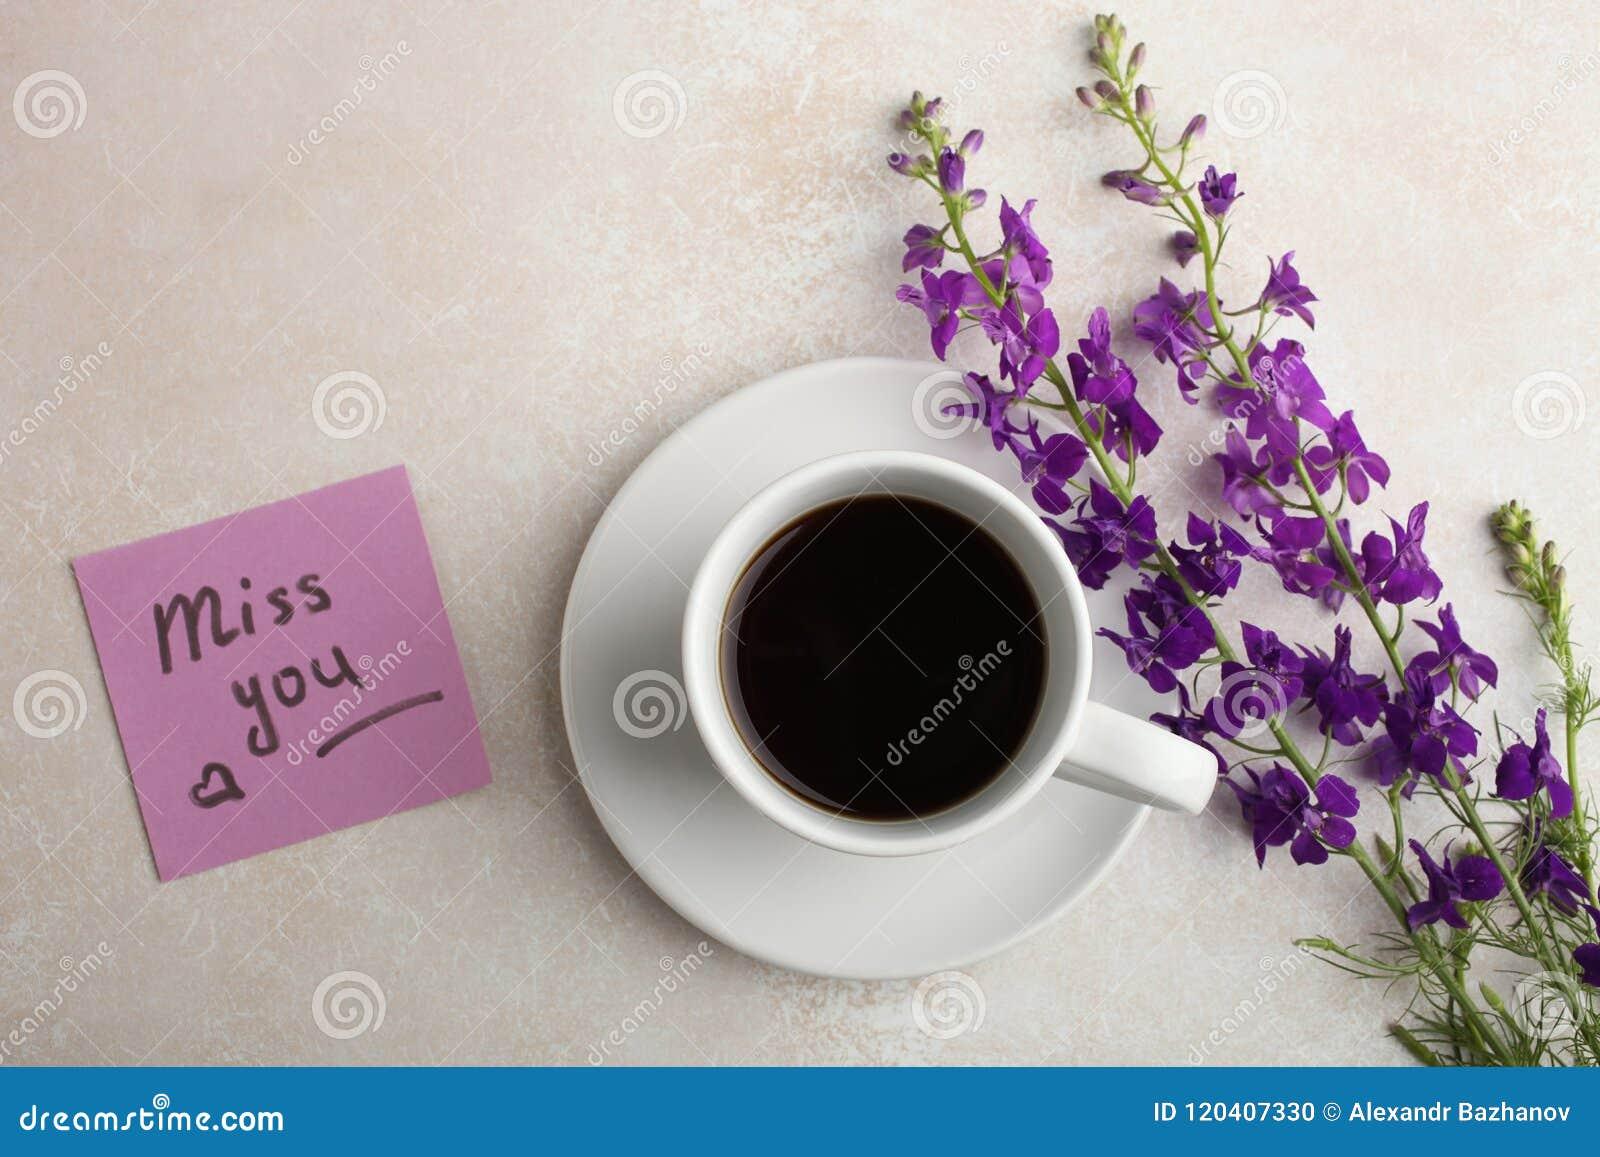 Flores, una taza de té y una nota